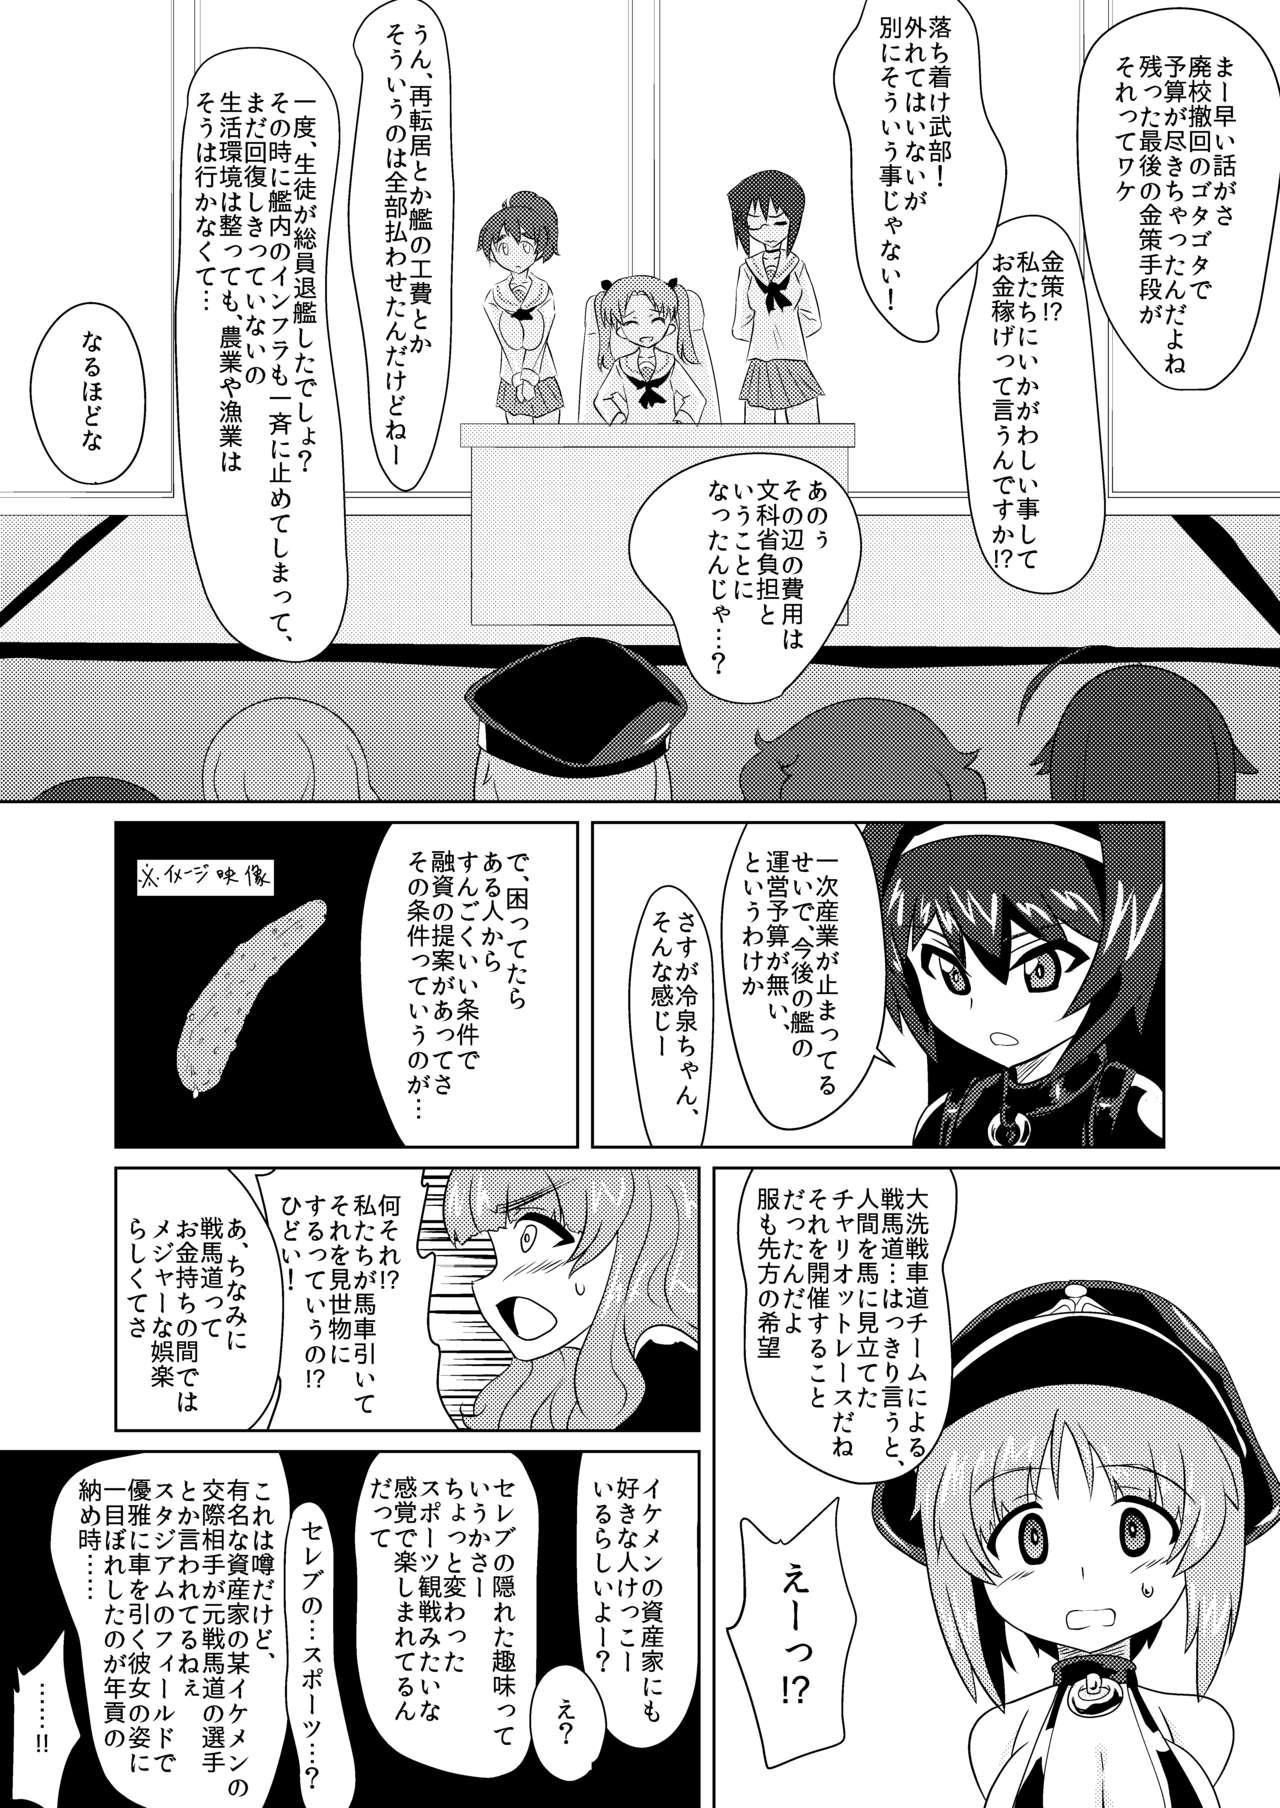 Senbadou, Hajimemasu! 6